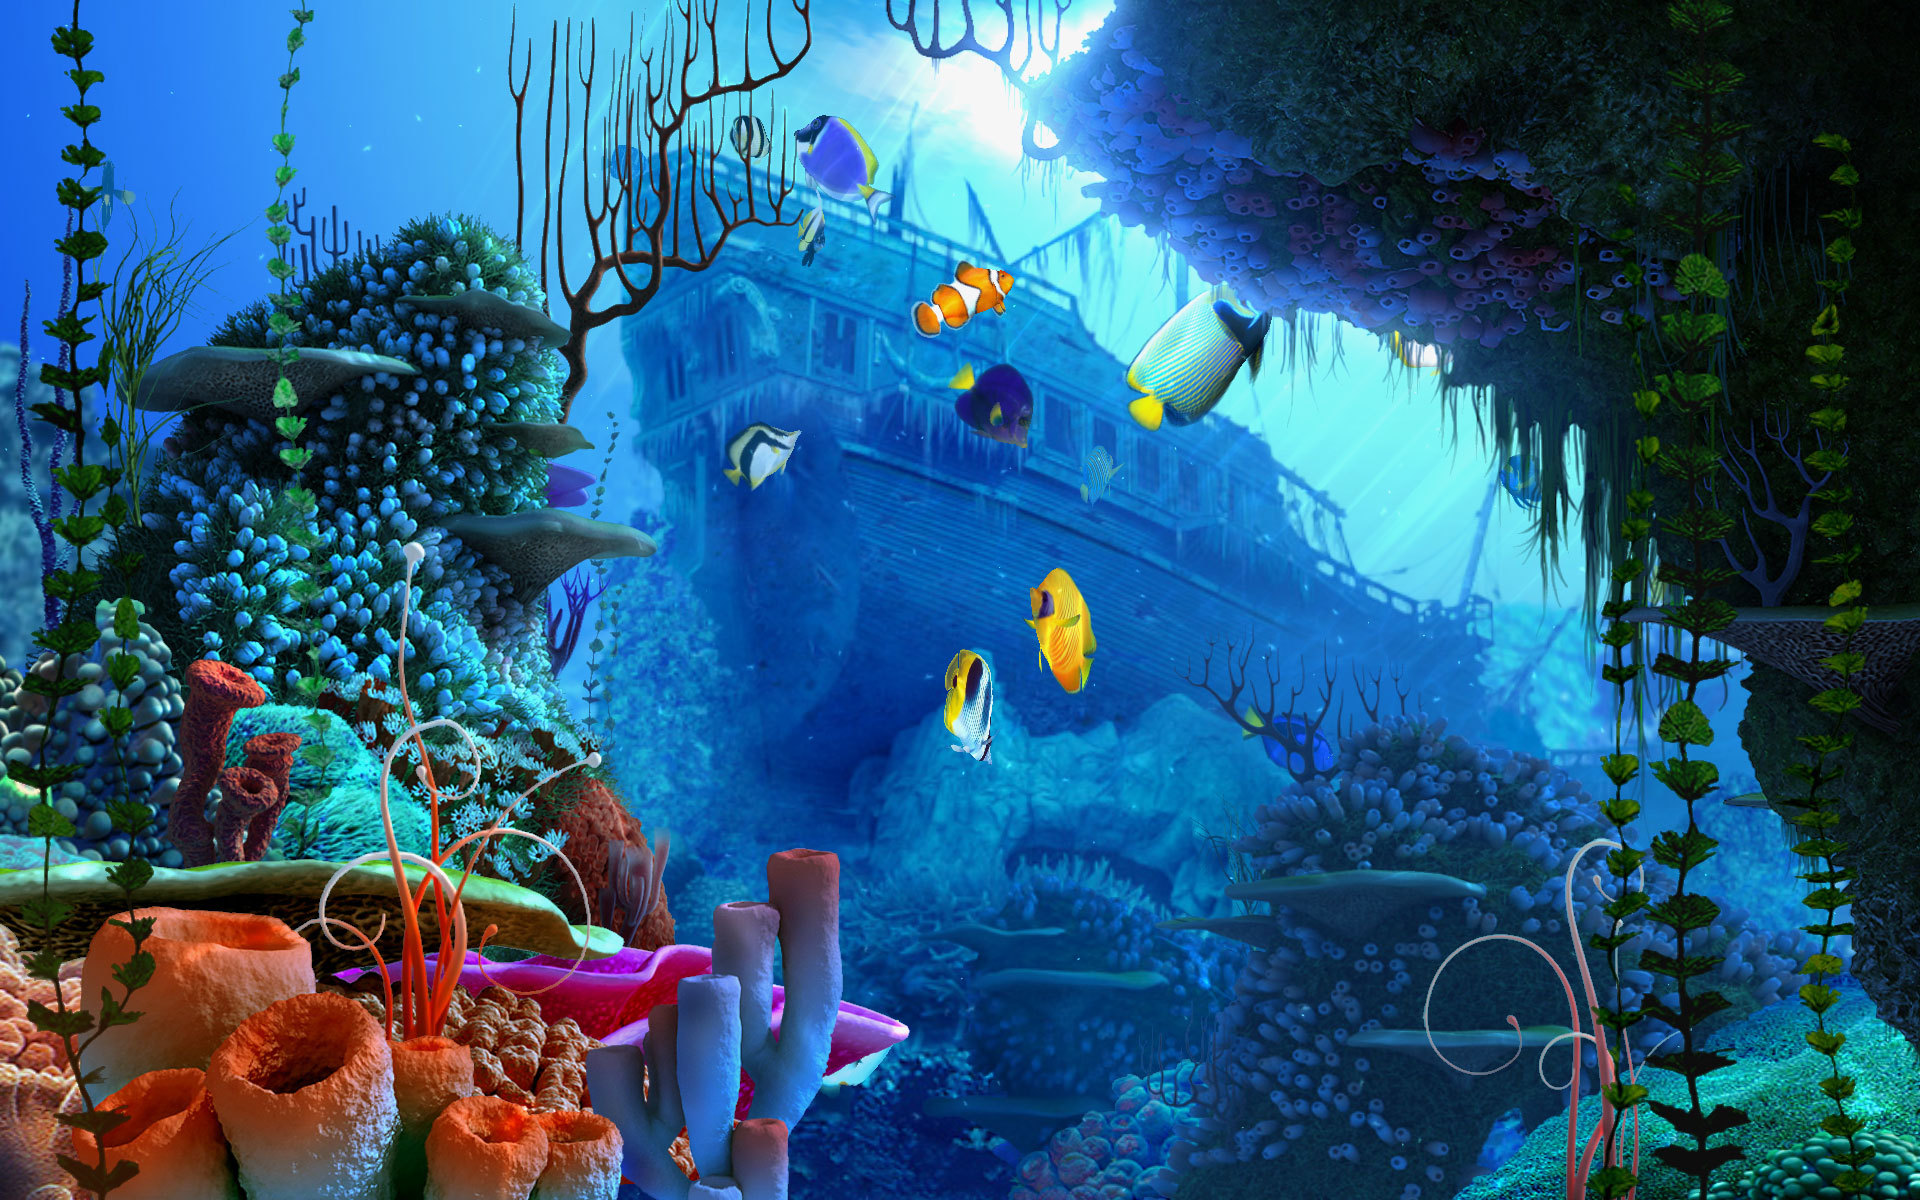 Aquarium wallpaper   274780 1920x1200